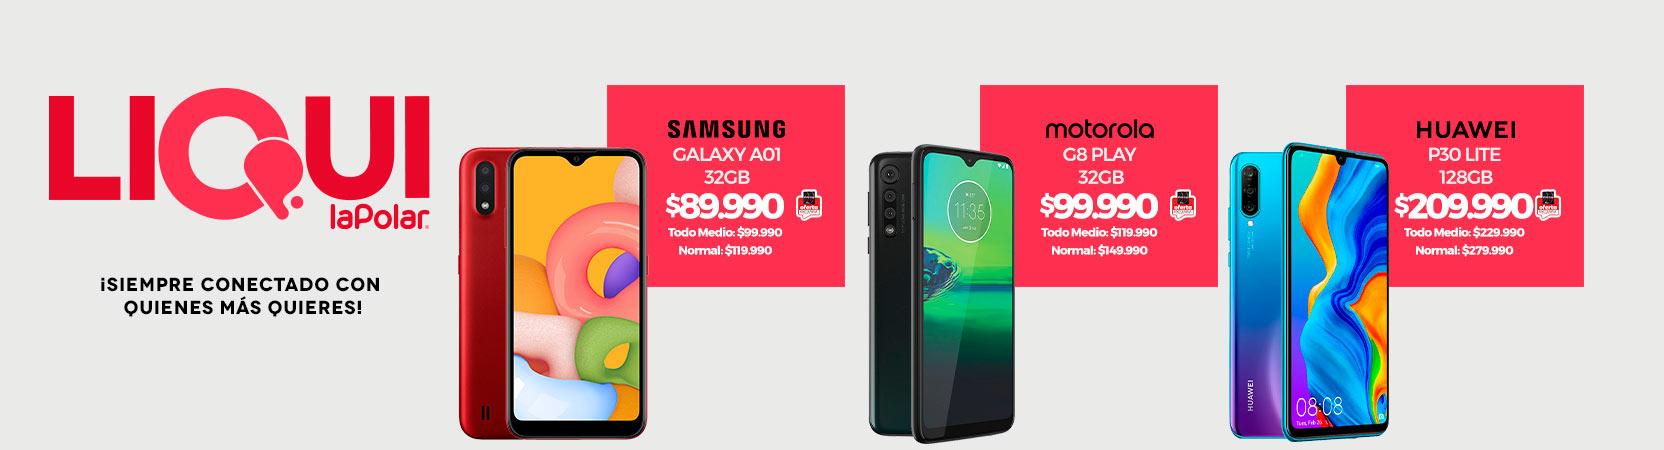 ¡Siempre conectado con quienes más quieres!  Samsung Galaxy A01 32GB